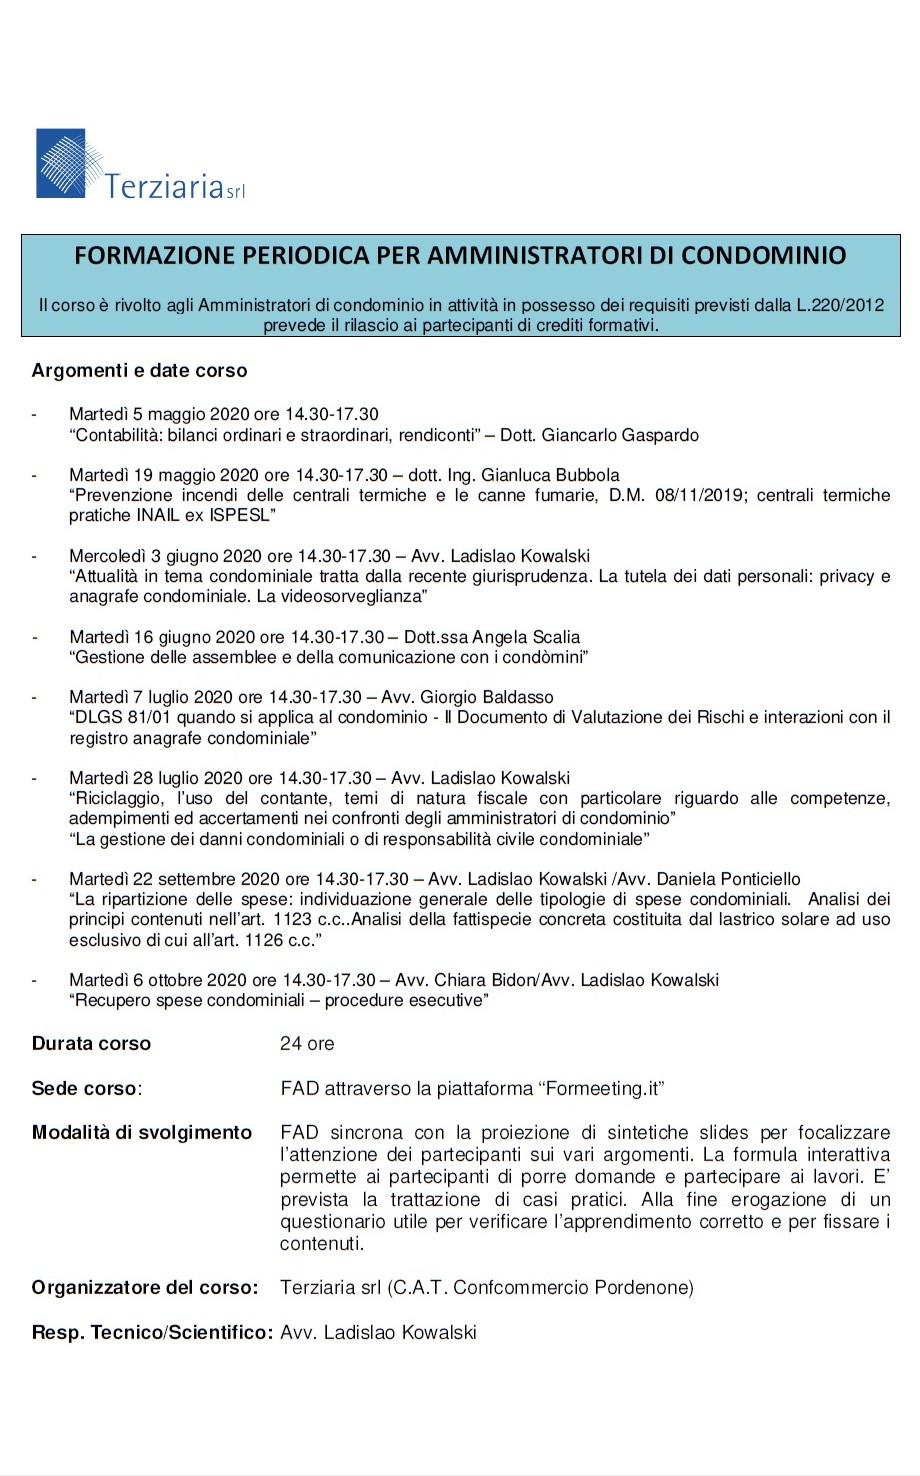 Corso formazione periodica 2020 - Abiconf Pordenone